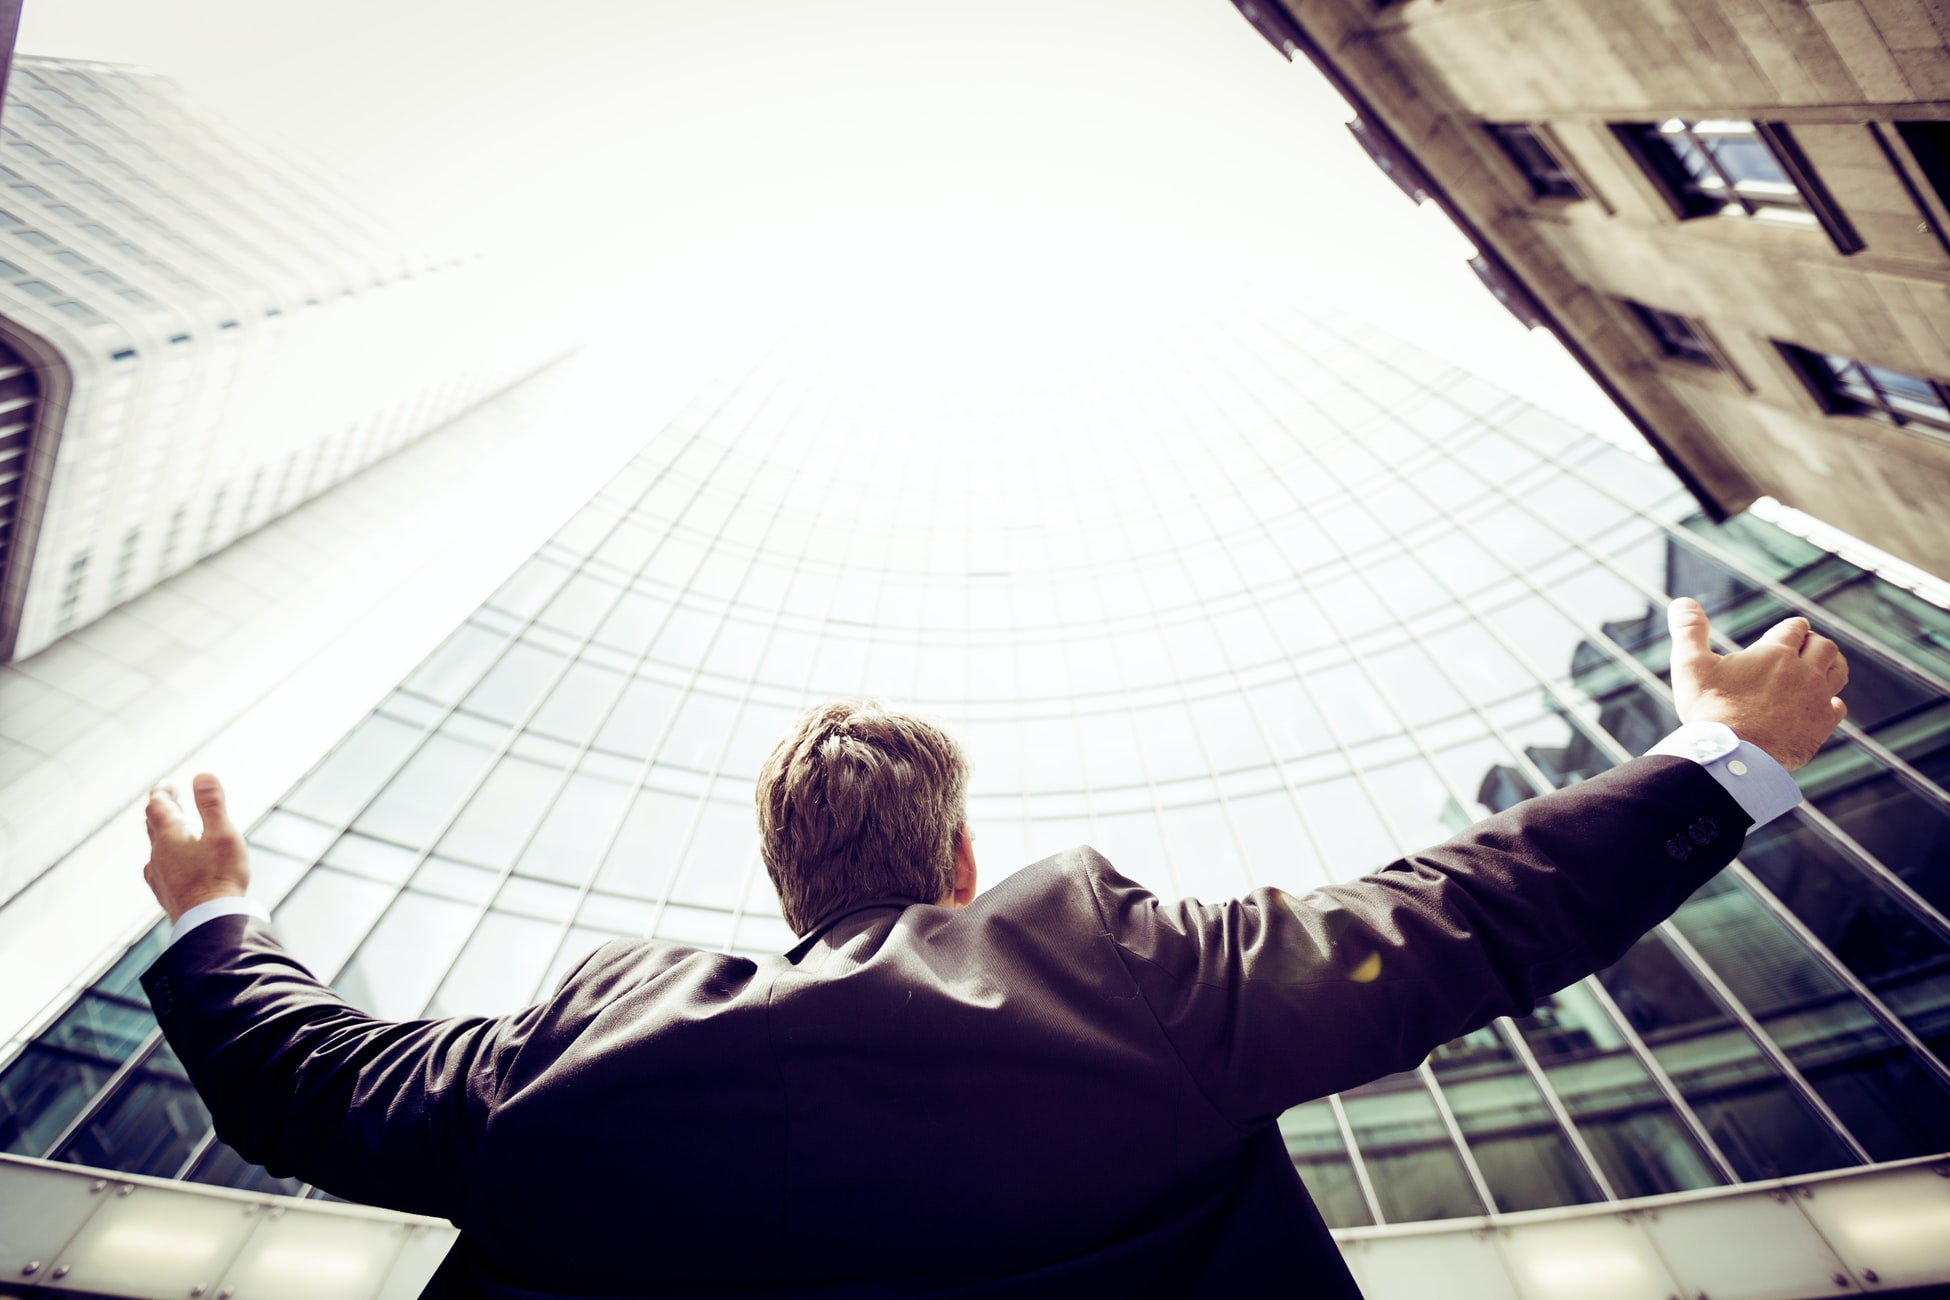 realestateinvestment-whyinvestnow-firsttimeinvestors-whyrealestate